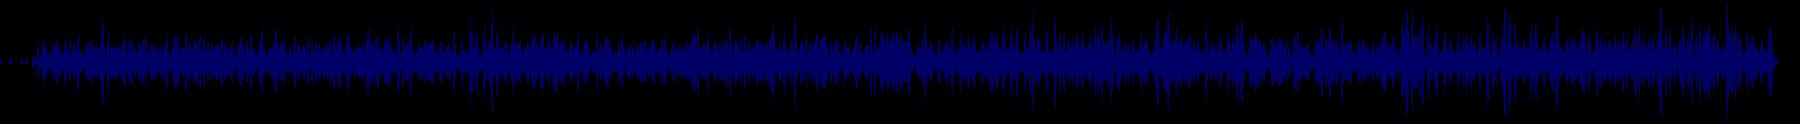 waveform of track #73138